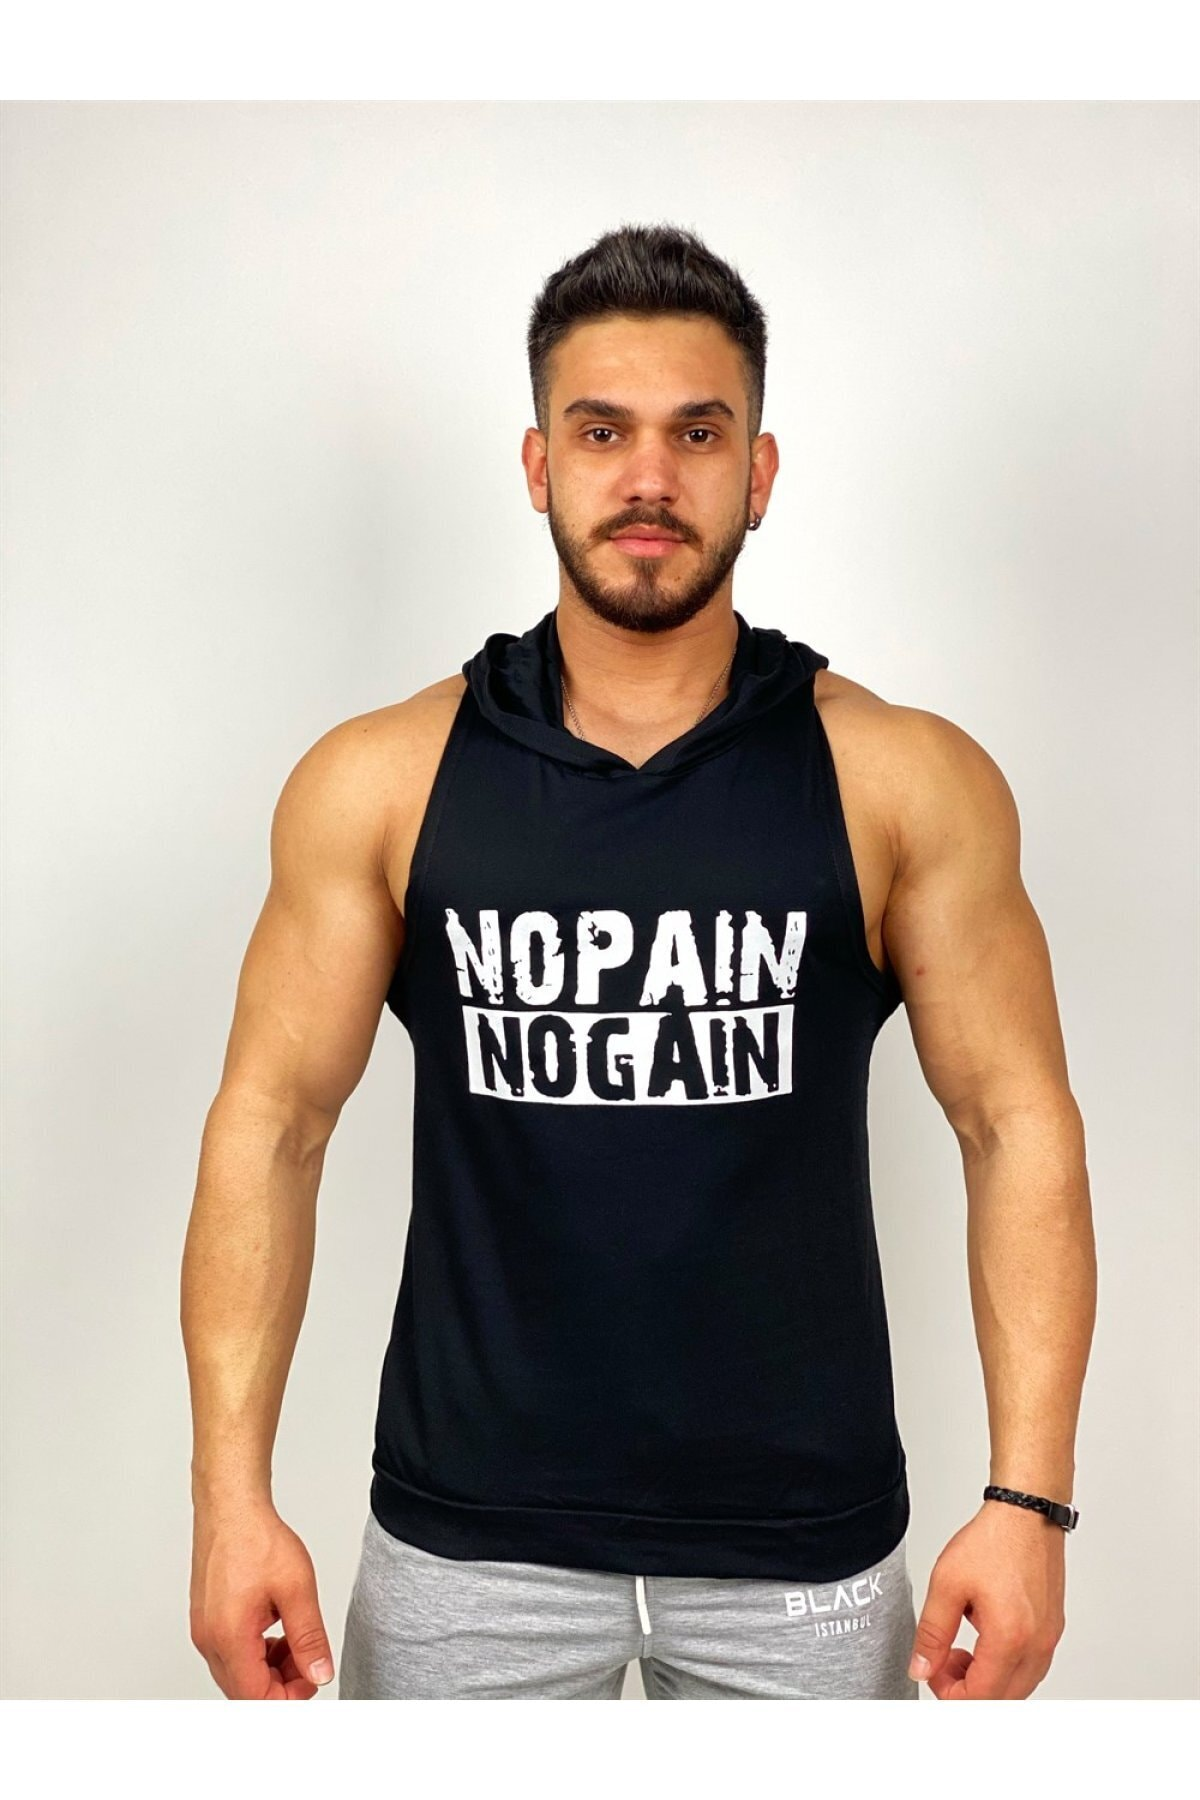 BLACK - Nopain Nogain Kapşonlu Fitness Atleti 1